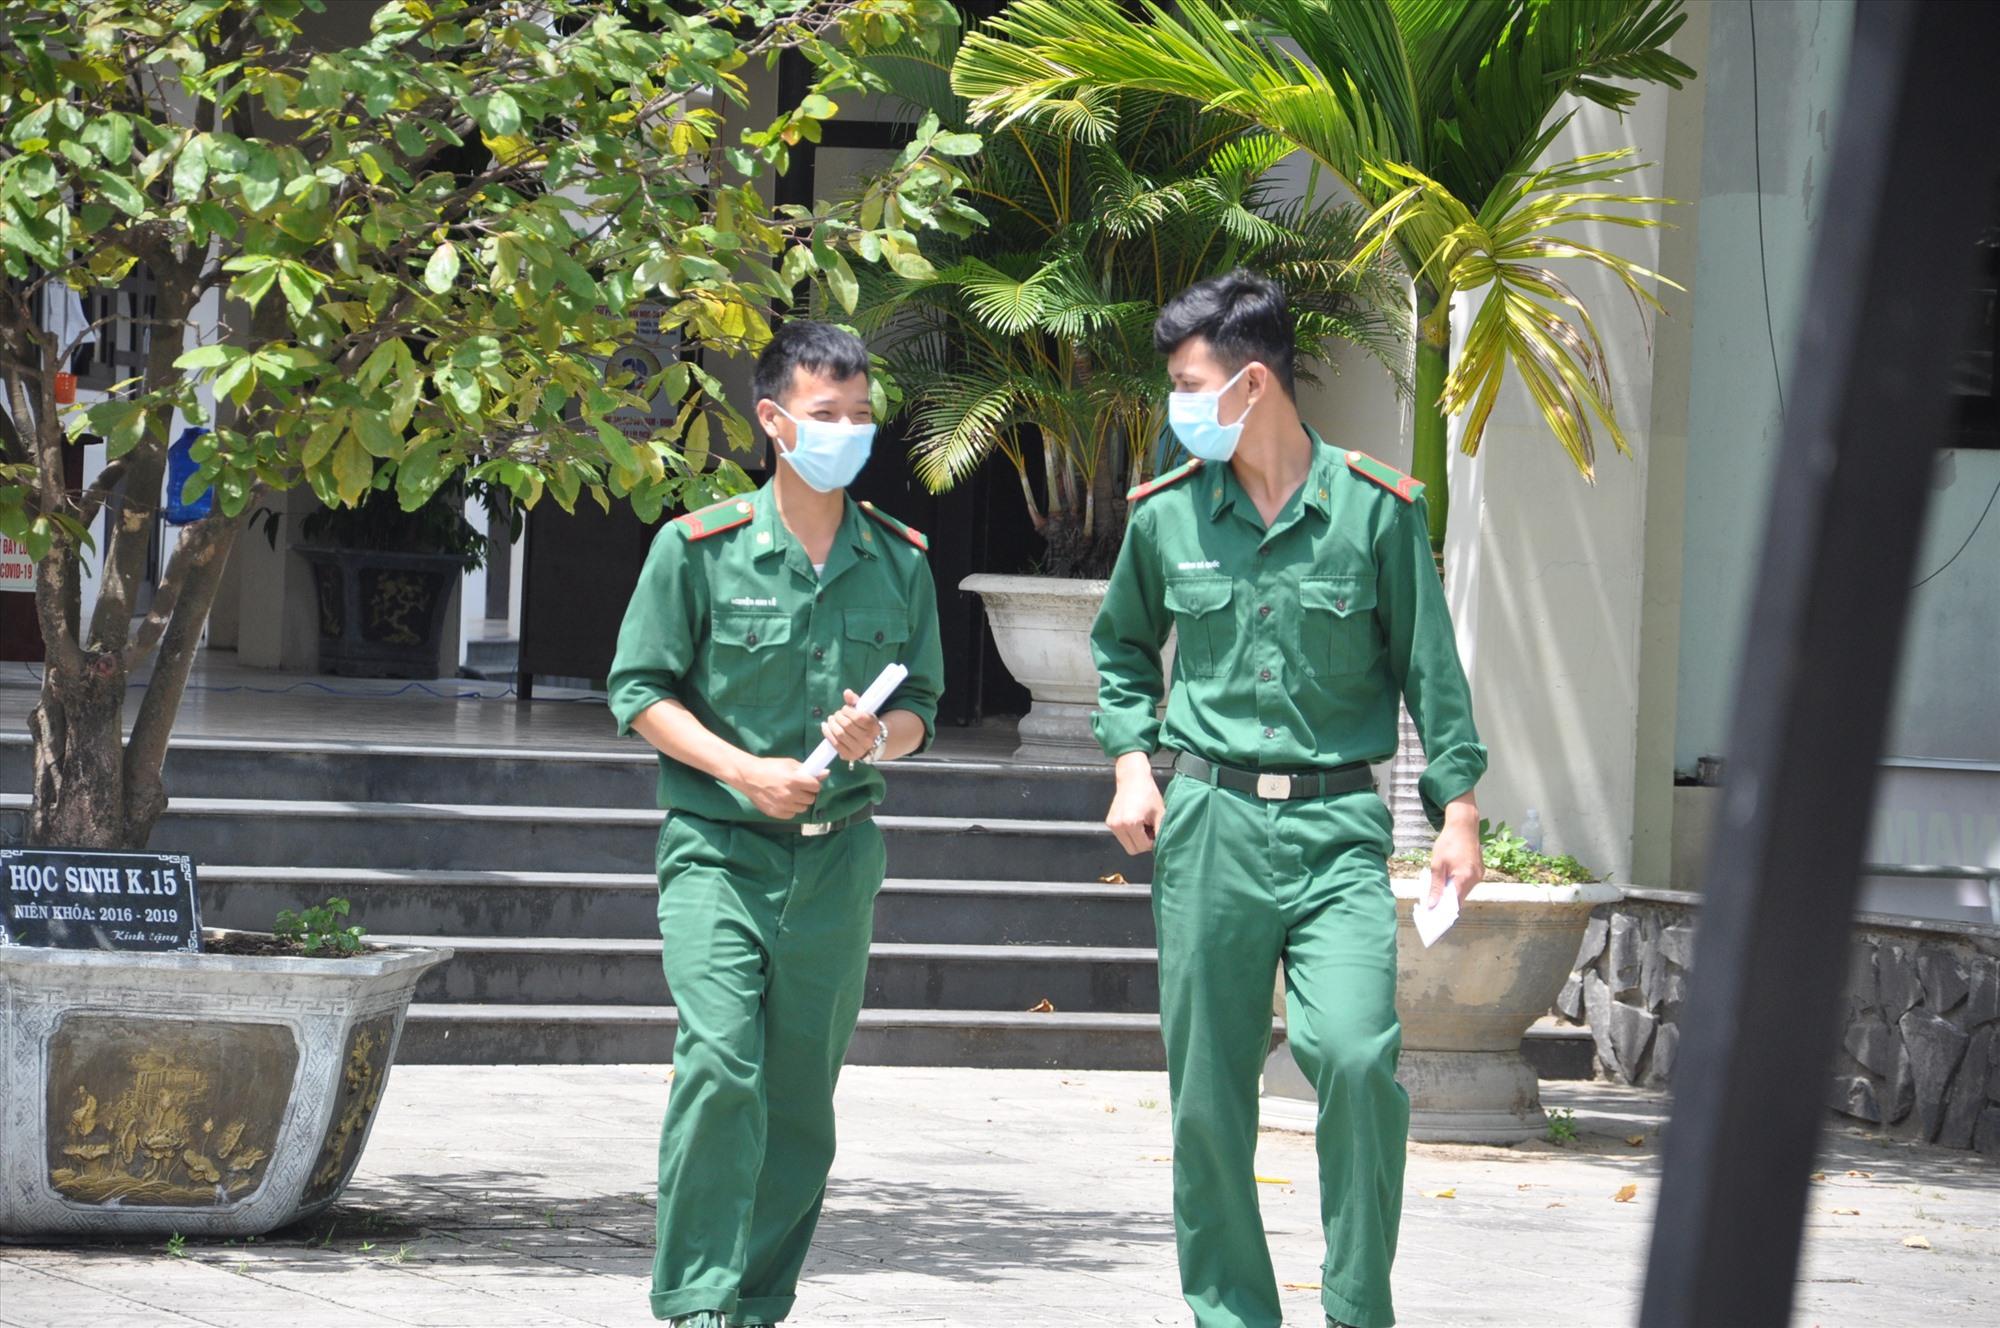 Niềm vui của các thí sinh tự do sau buổi thi tổ hợp sáng 4.9 tại điểm thi Trường THPT chuyên Nguyễn Bỉnh Khiêm. Ảnh: X.P